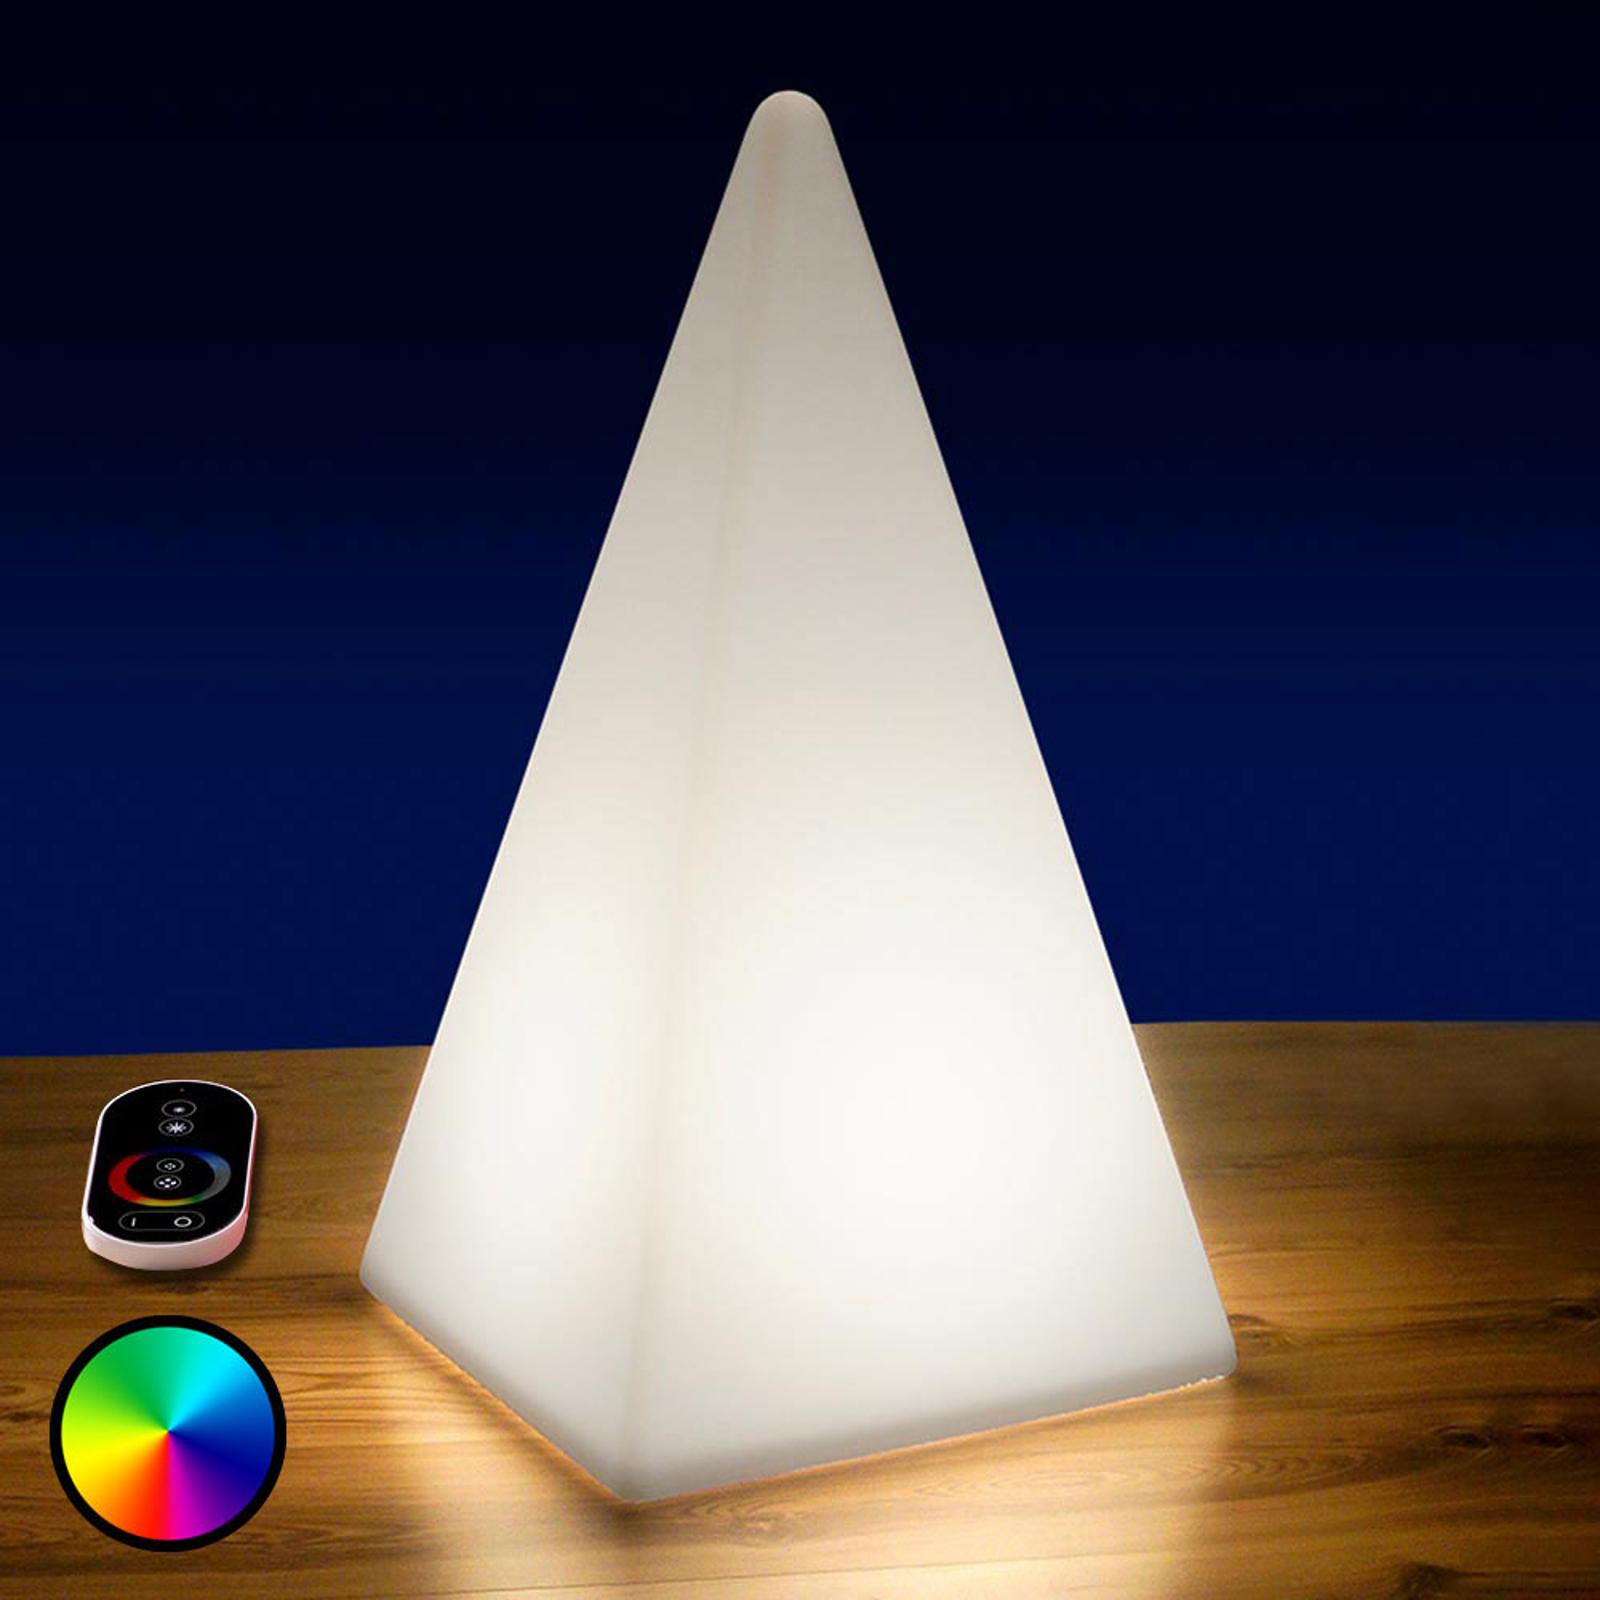 Piramide LED RGB con accumulatore, 73 cm